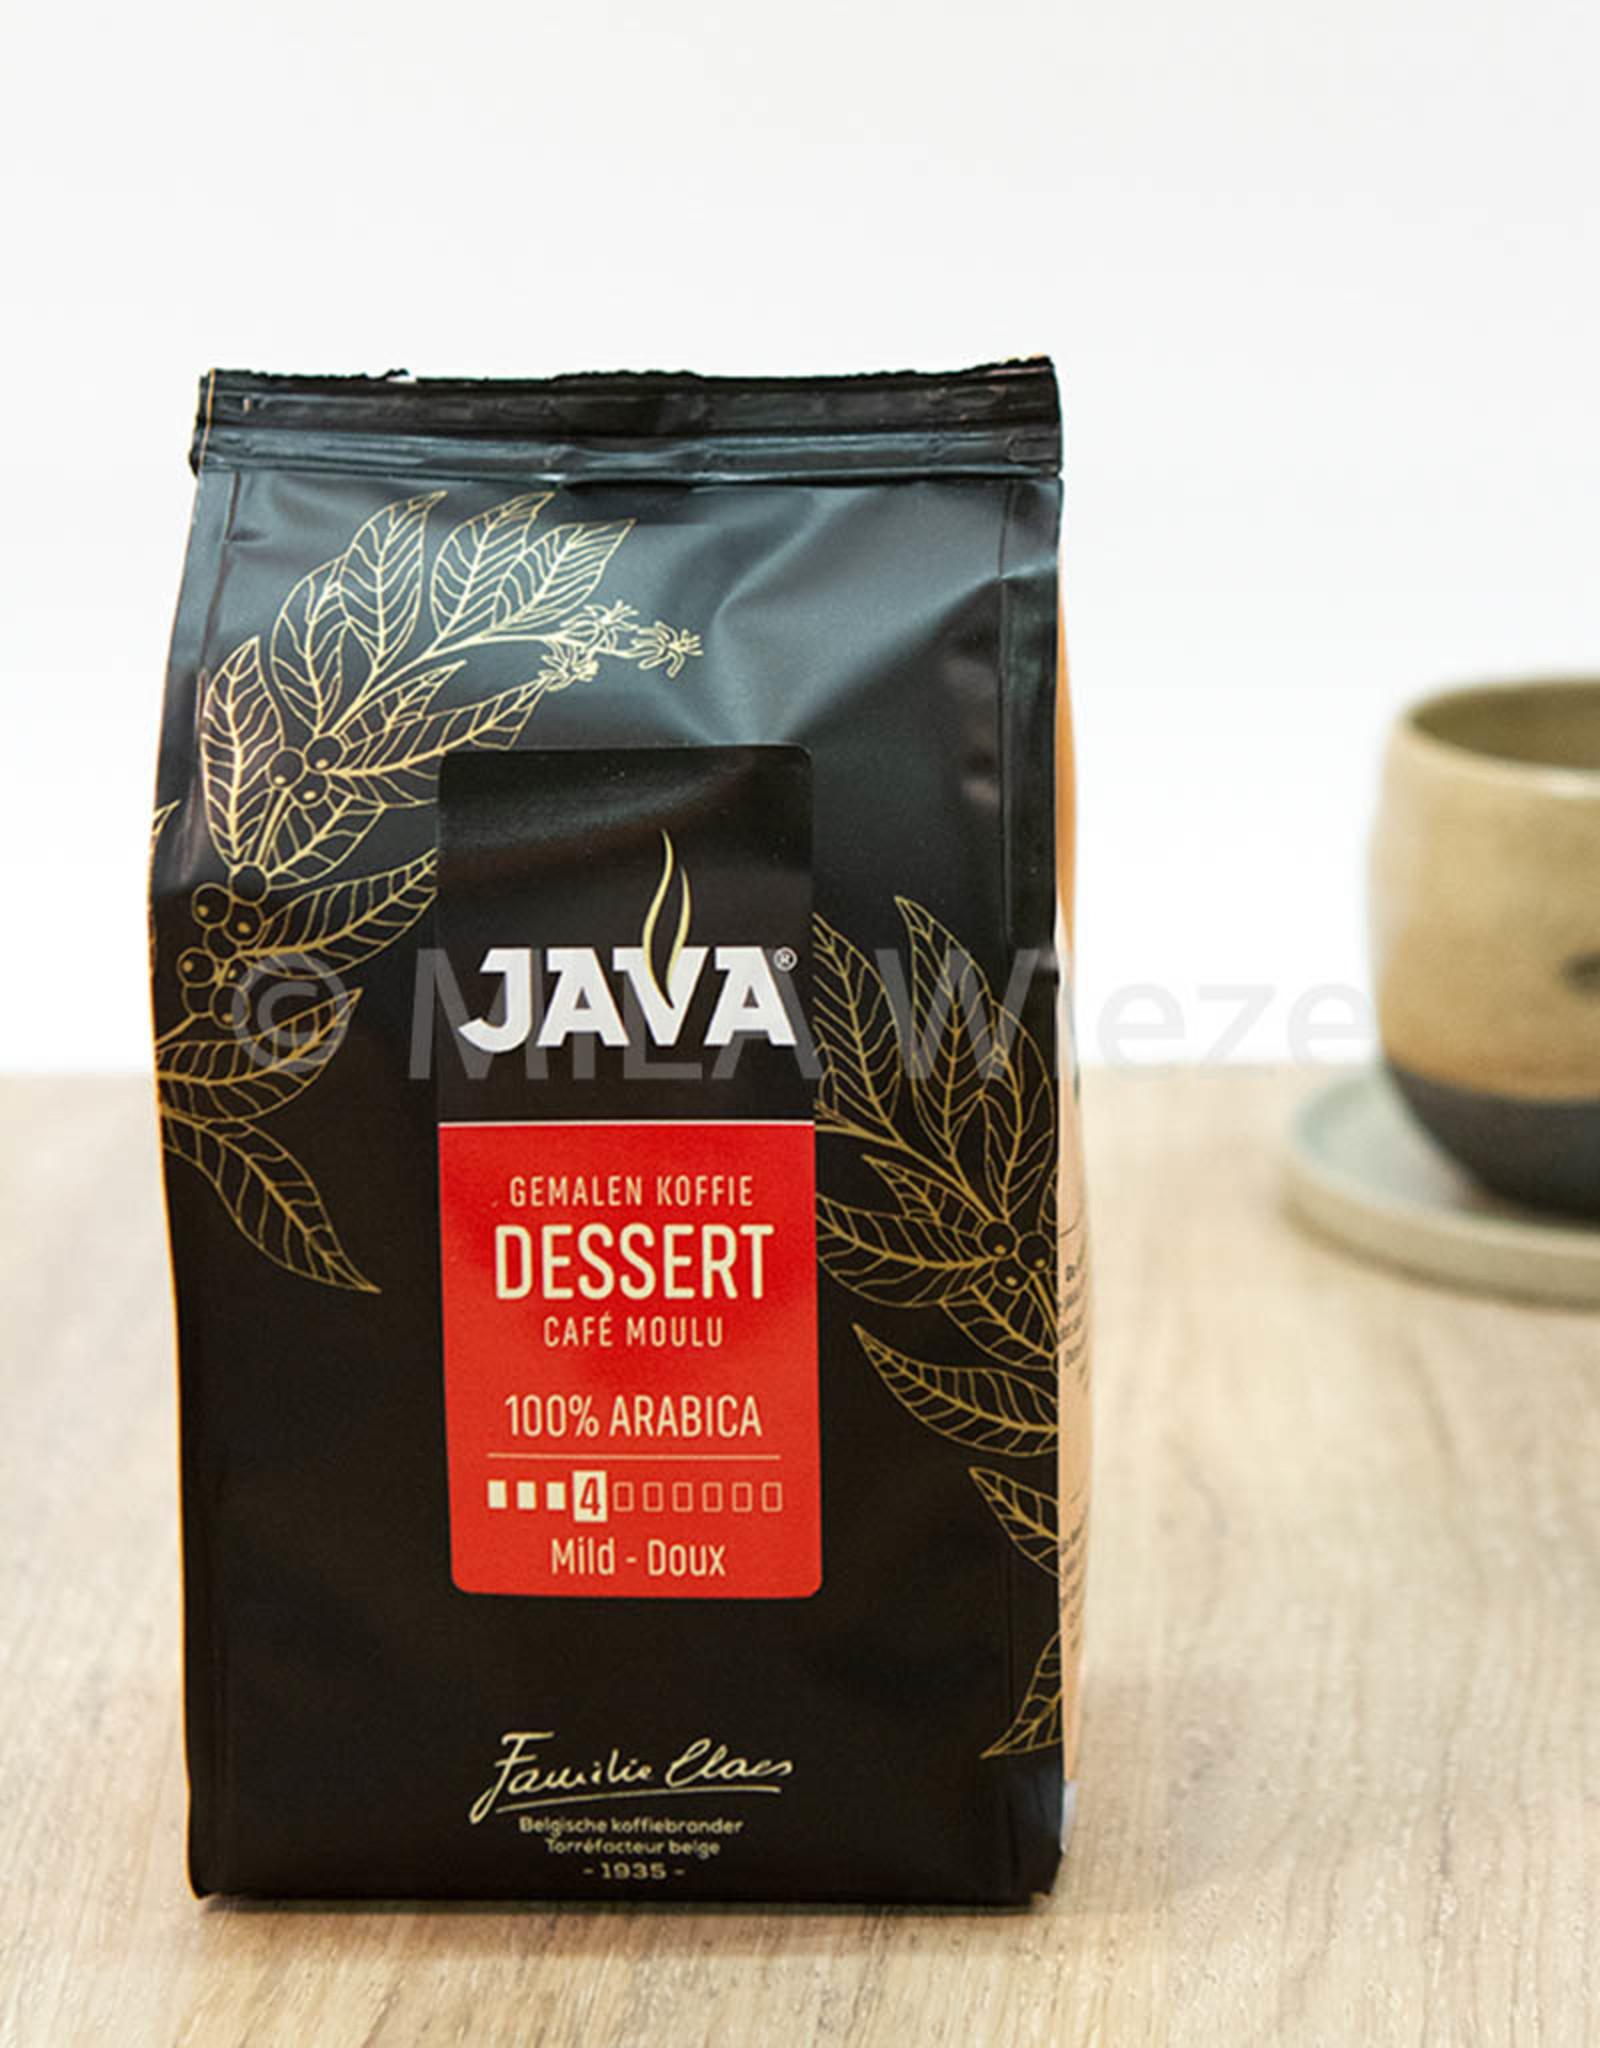 Dessert koffie - Java - gemalen - 250 gr